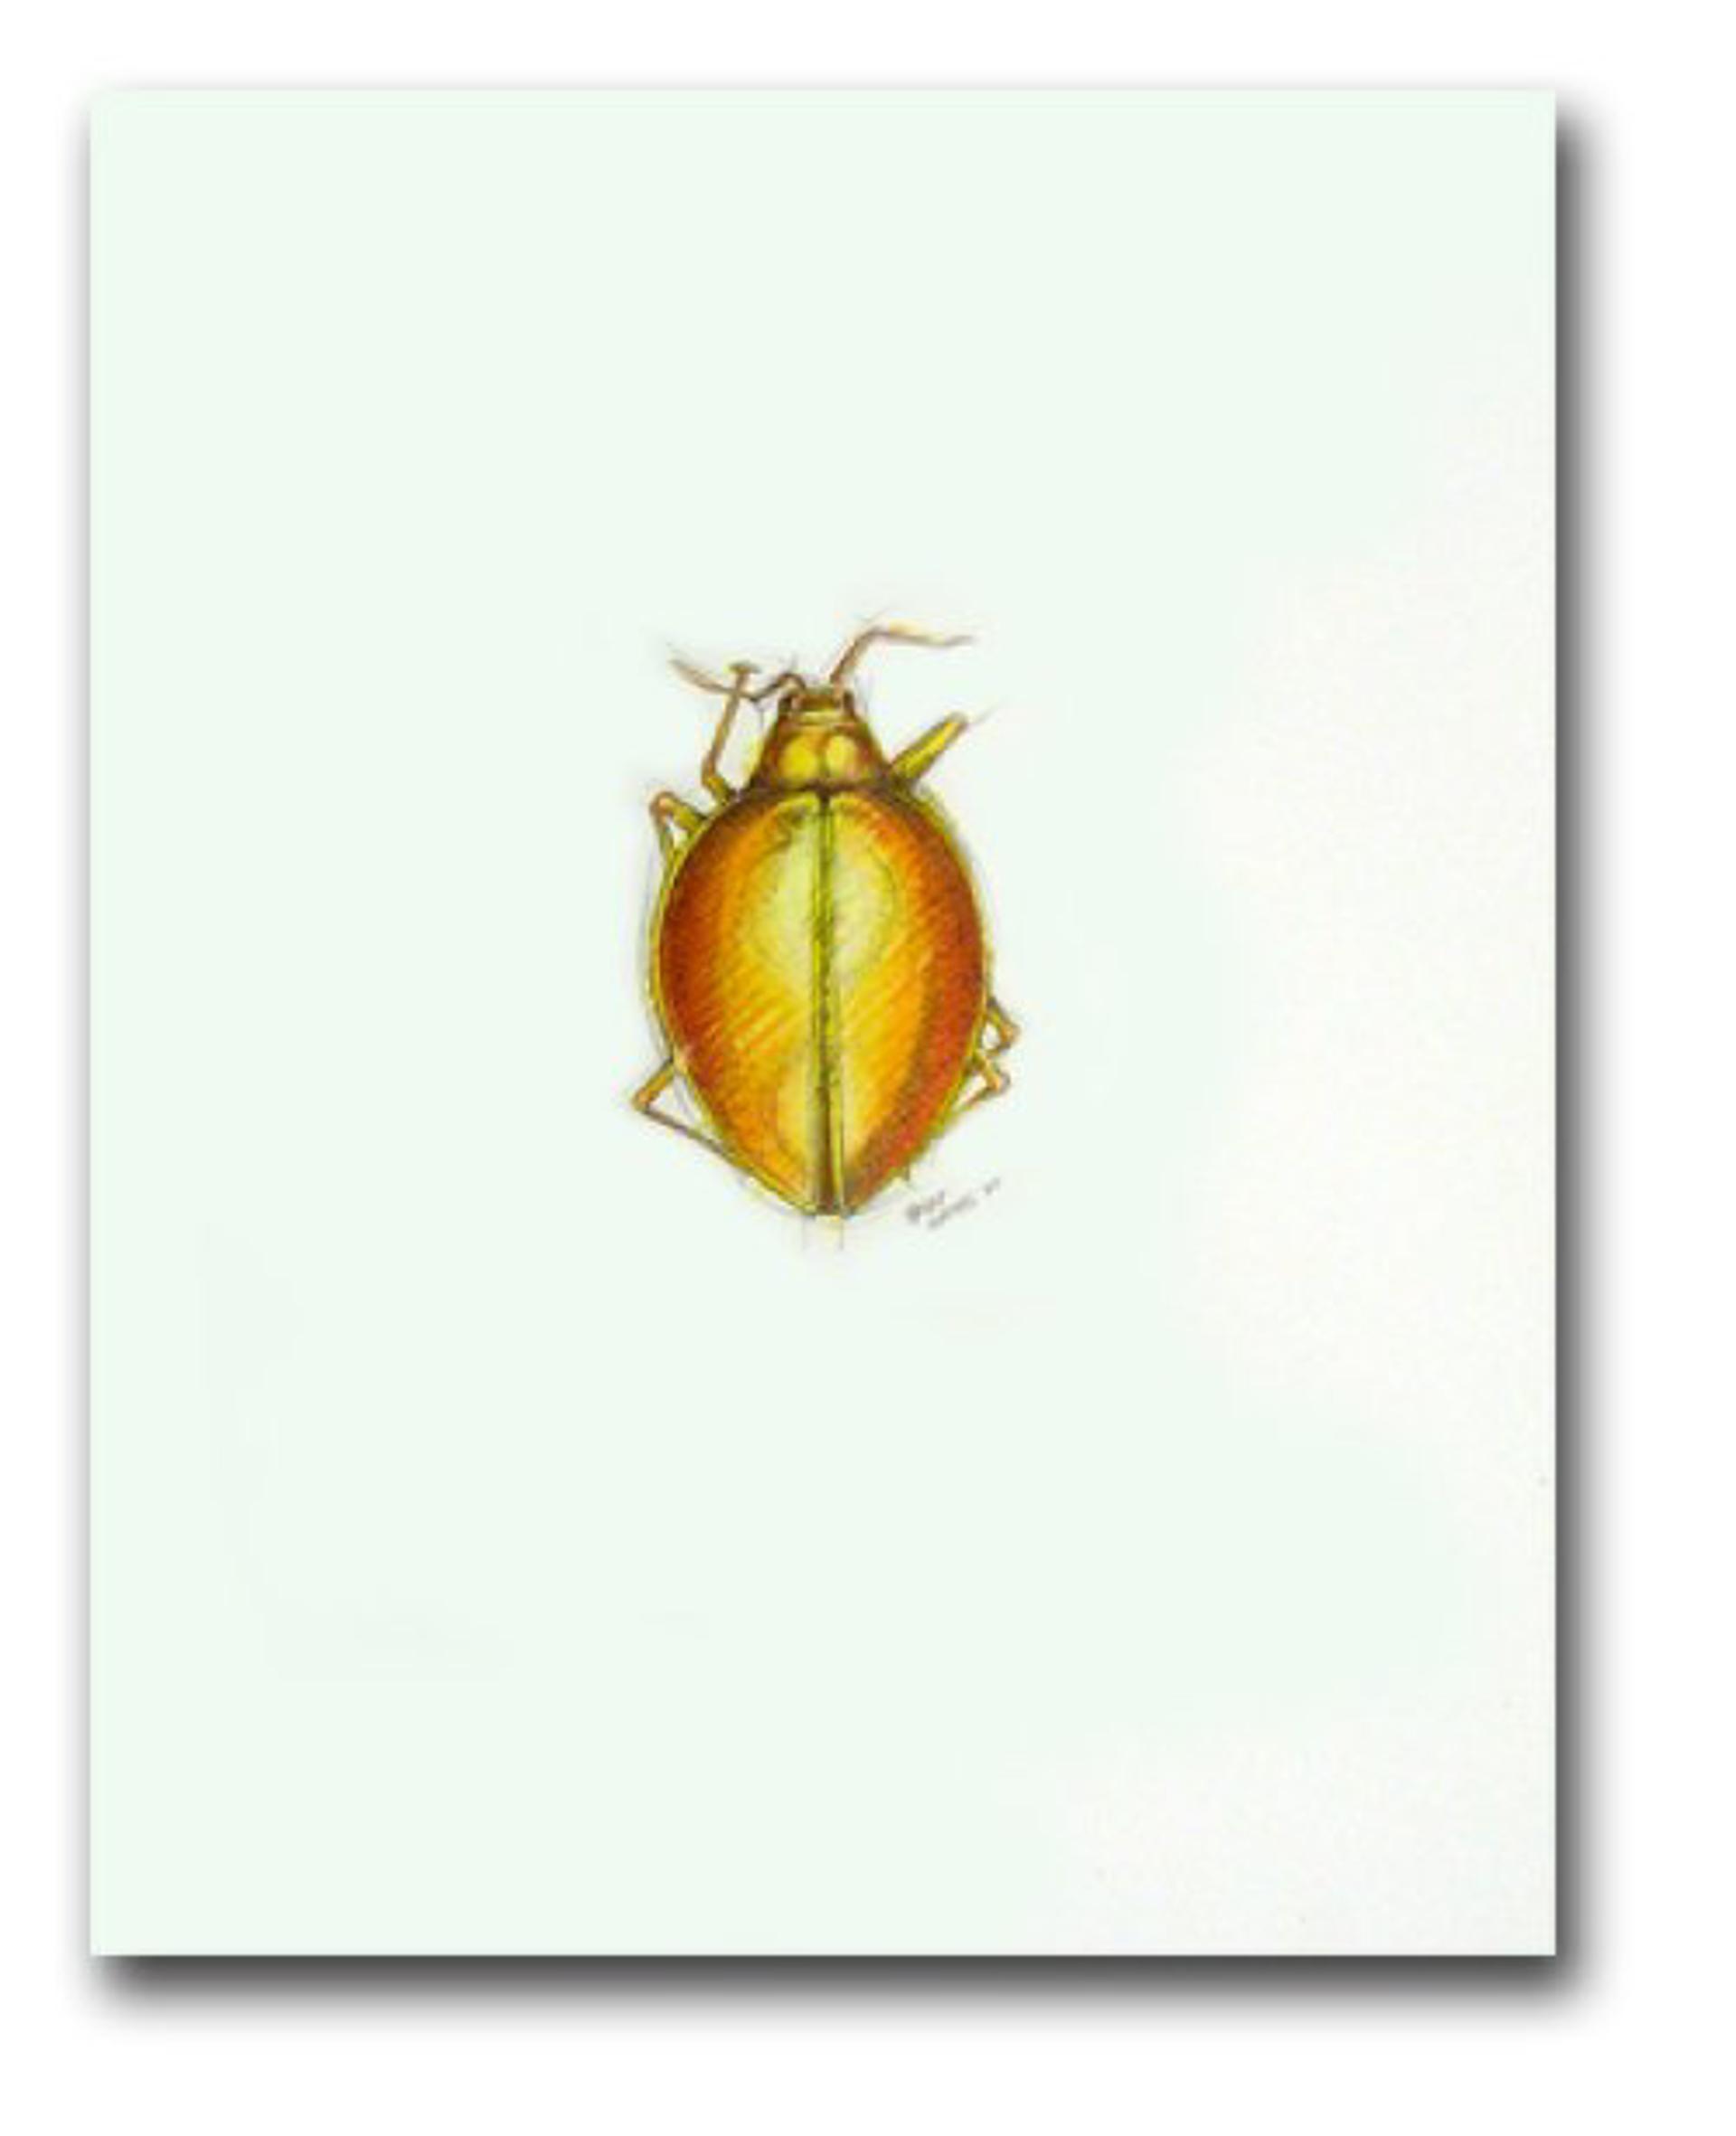 Fungus Beetle by Peter Hamel